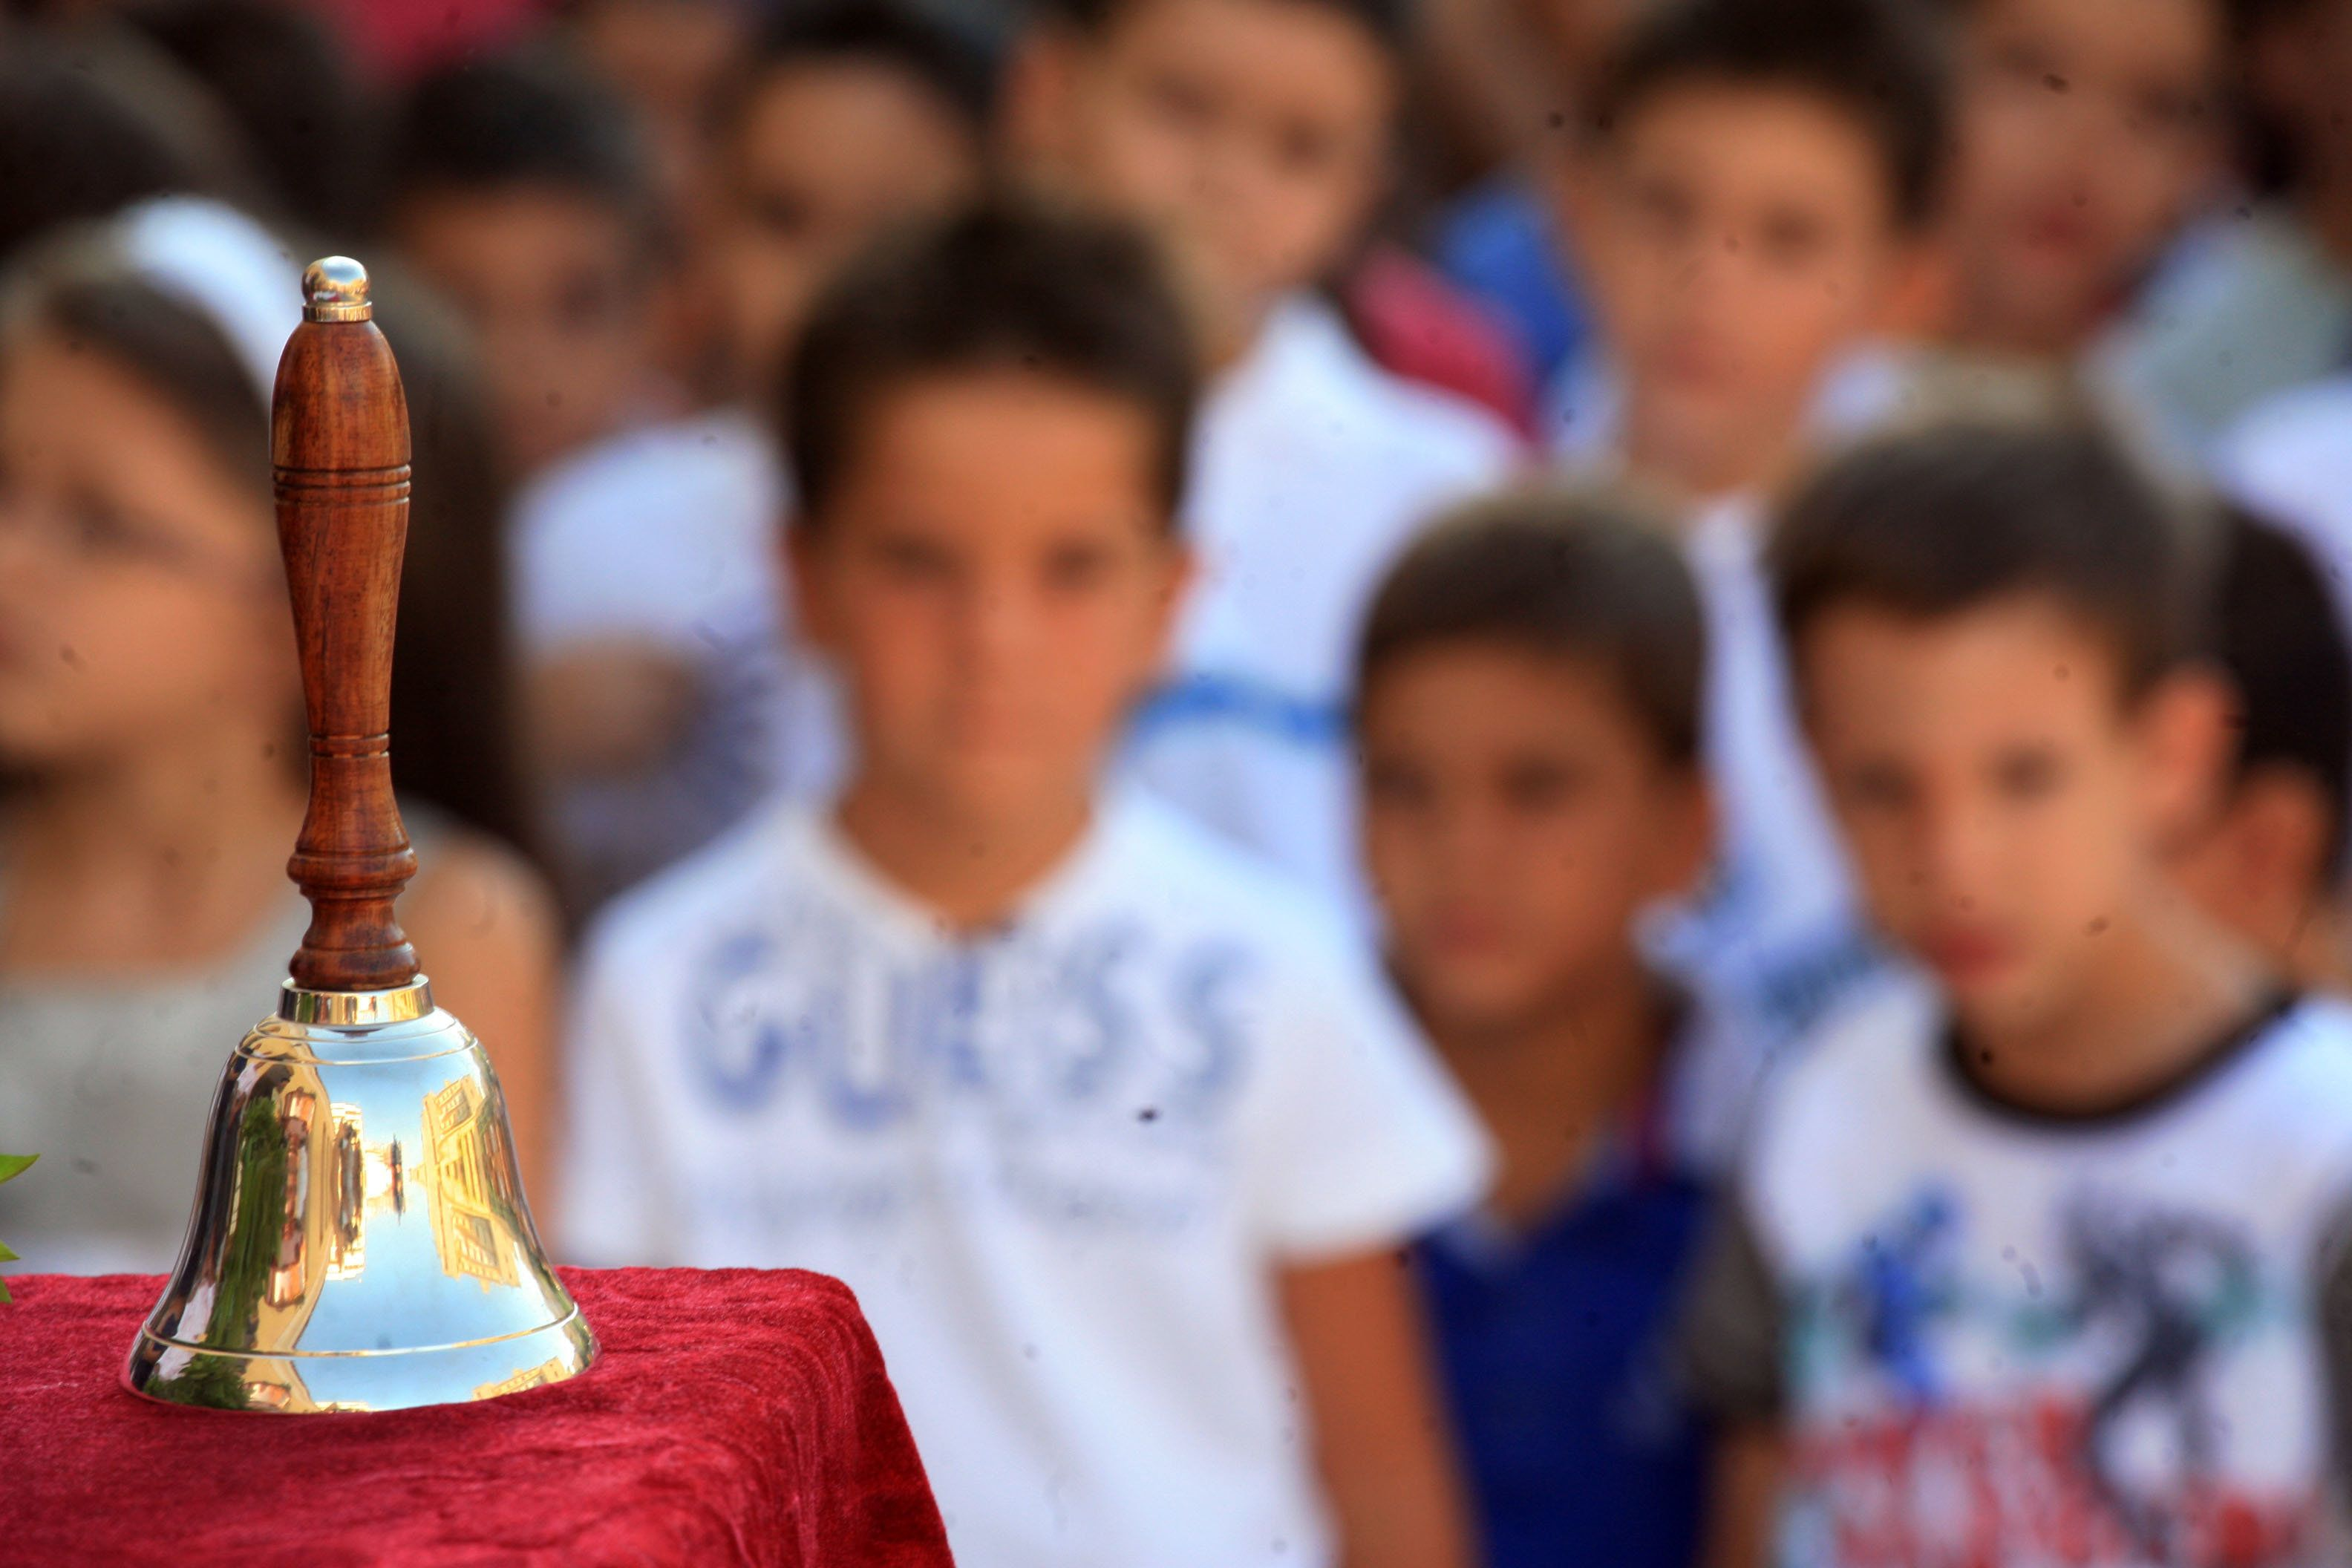 Στις 19.480 ανέρχονται τελικά οι προσλήψεις αναπληρωτών εκπαιδευτικών για την πρώτη